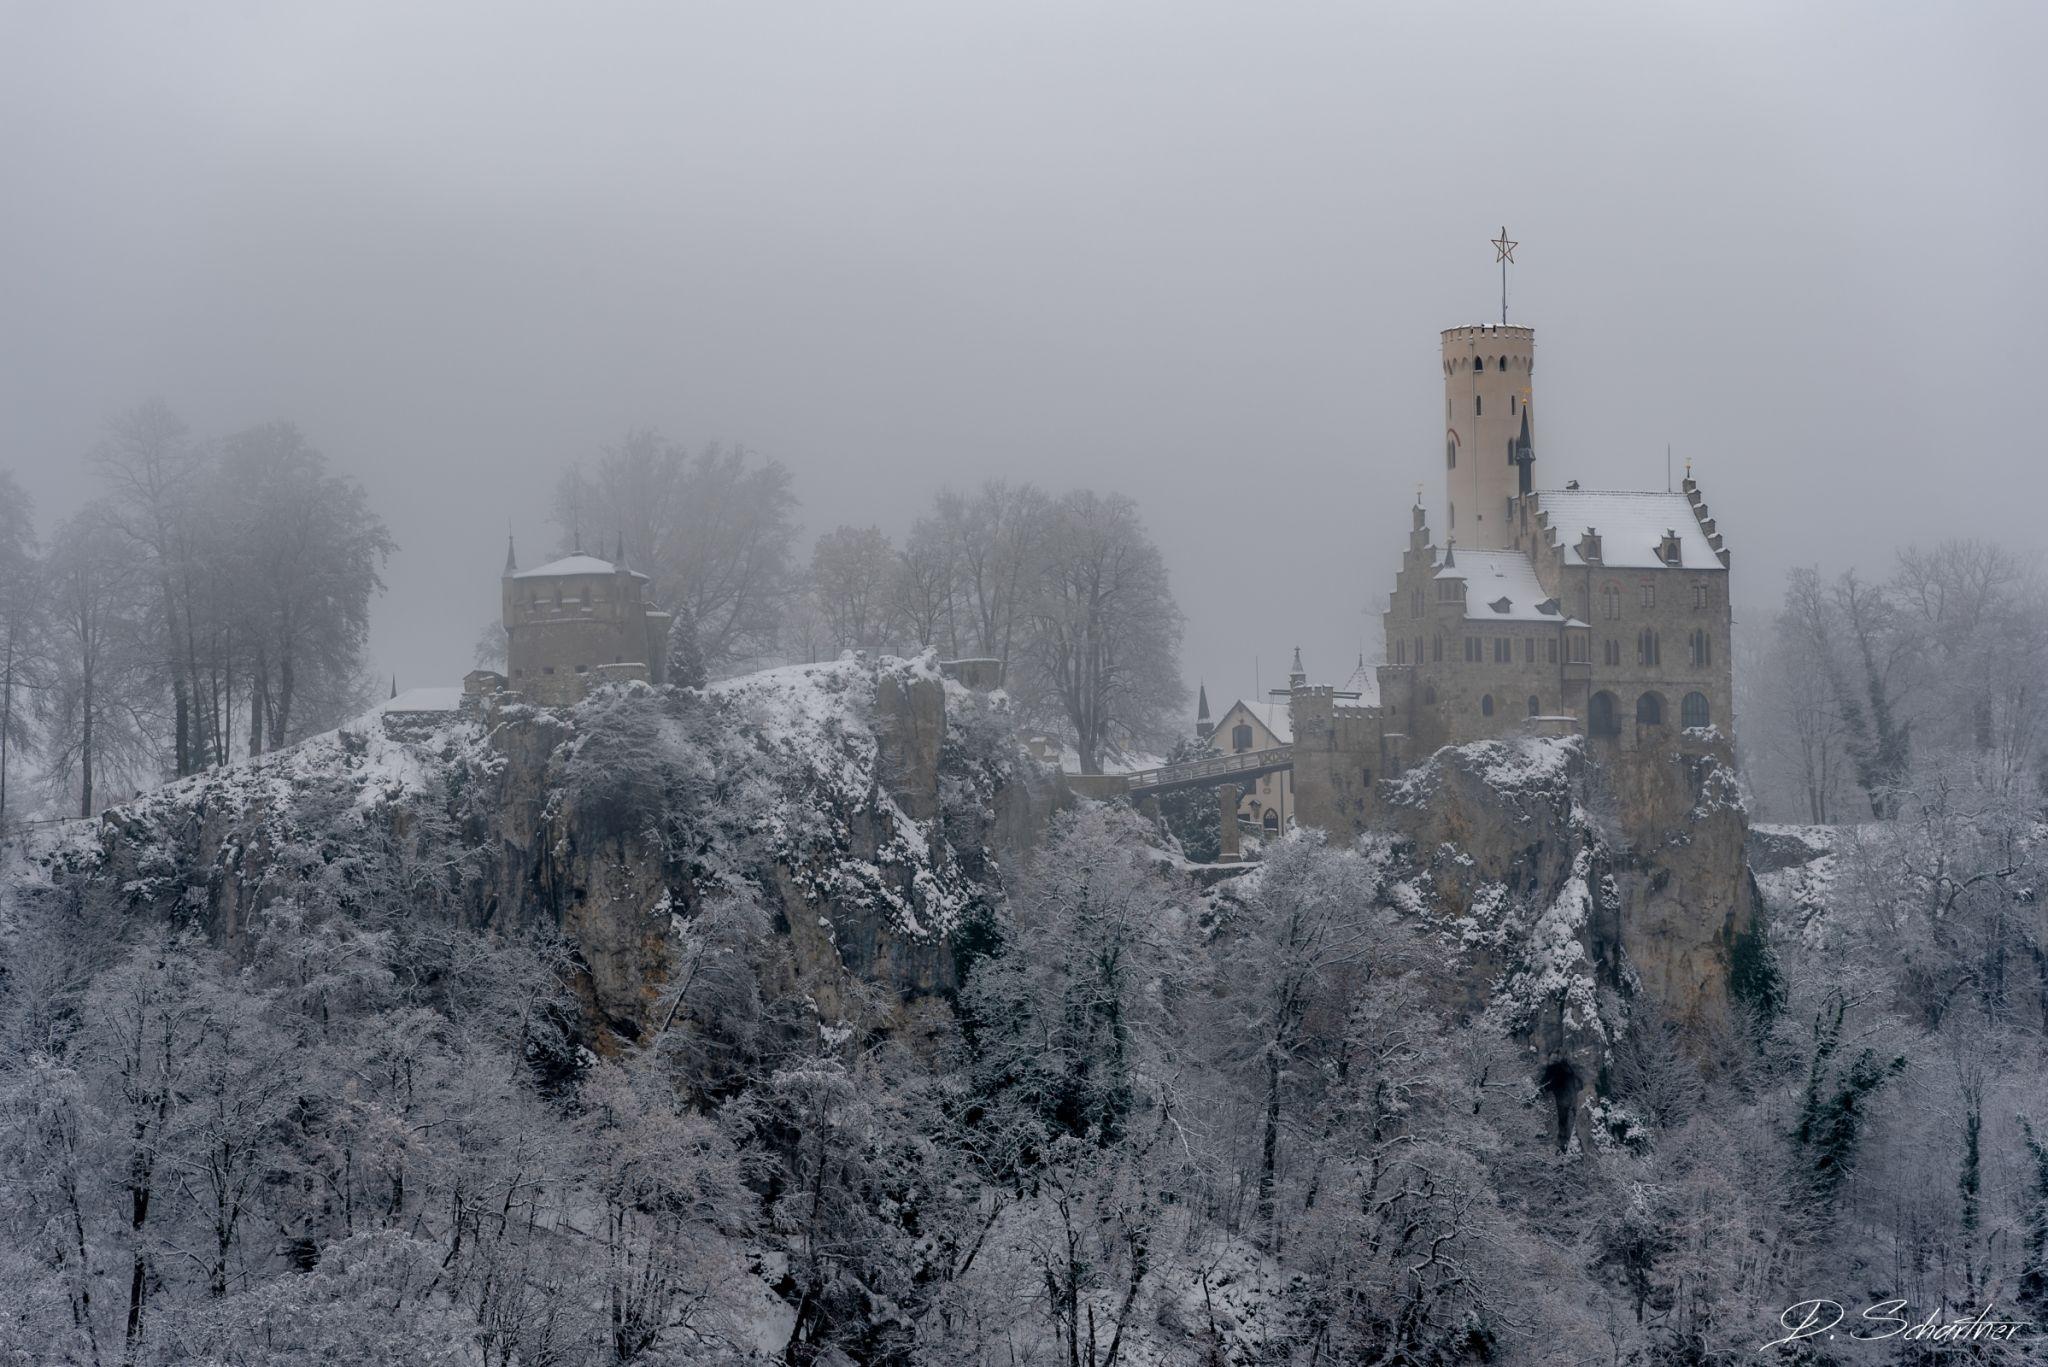 View on Burg Alt-Lichtenstein, Germany